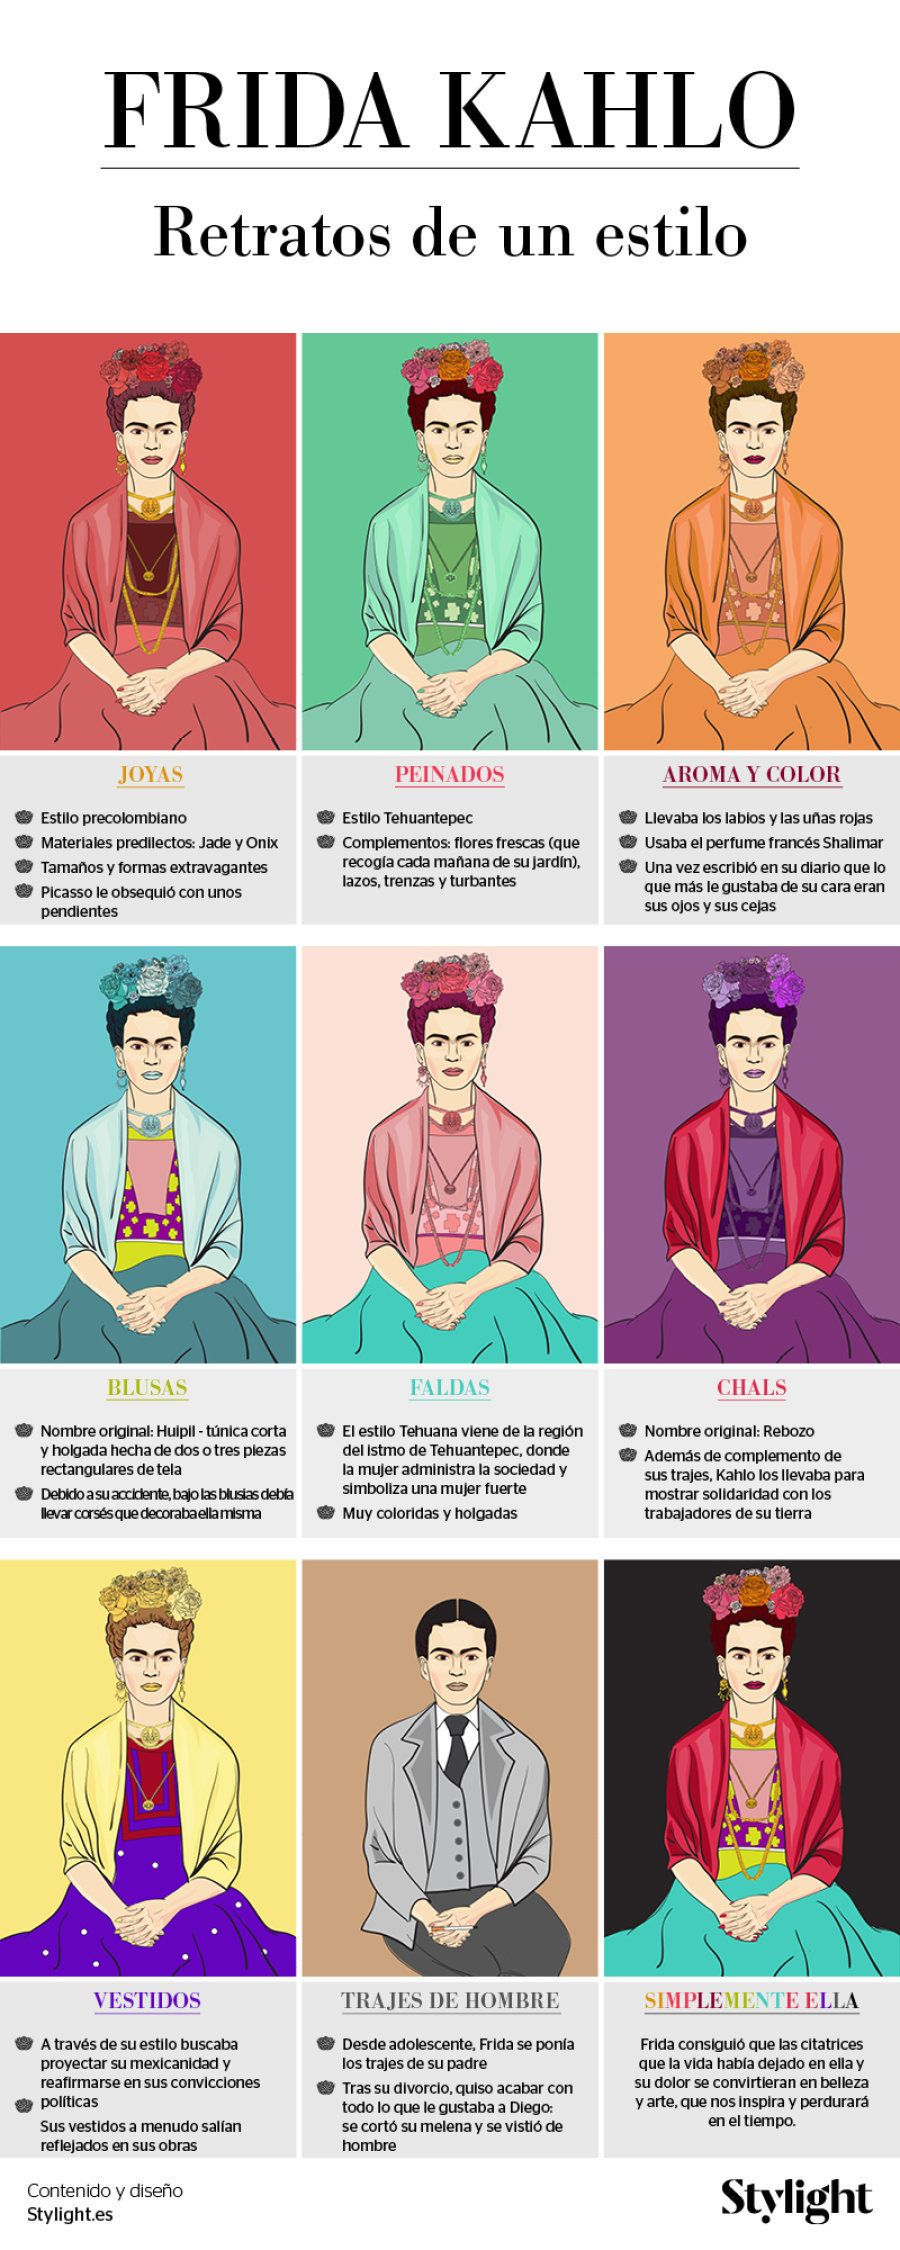 Frida Kahlo: Retratos de un